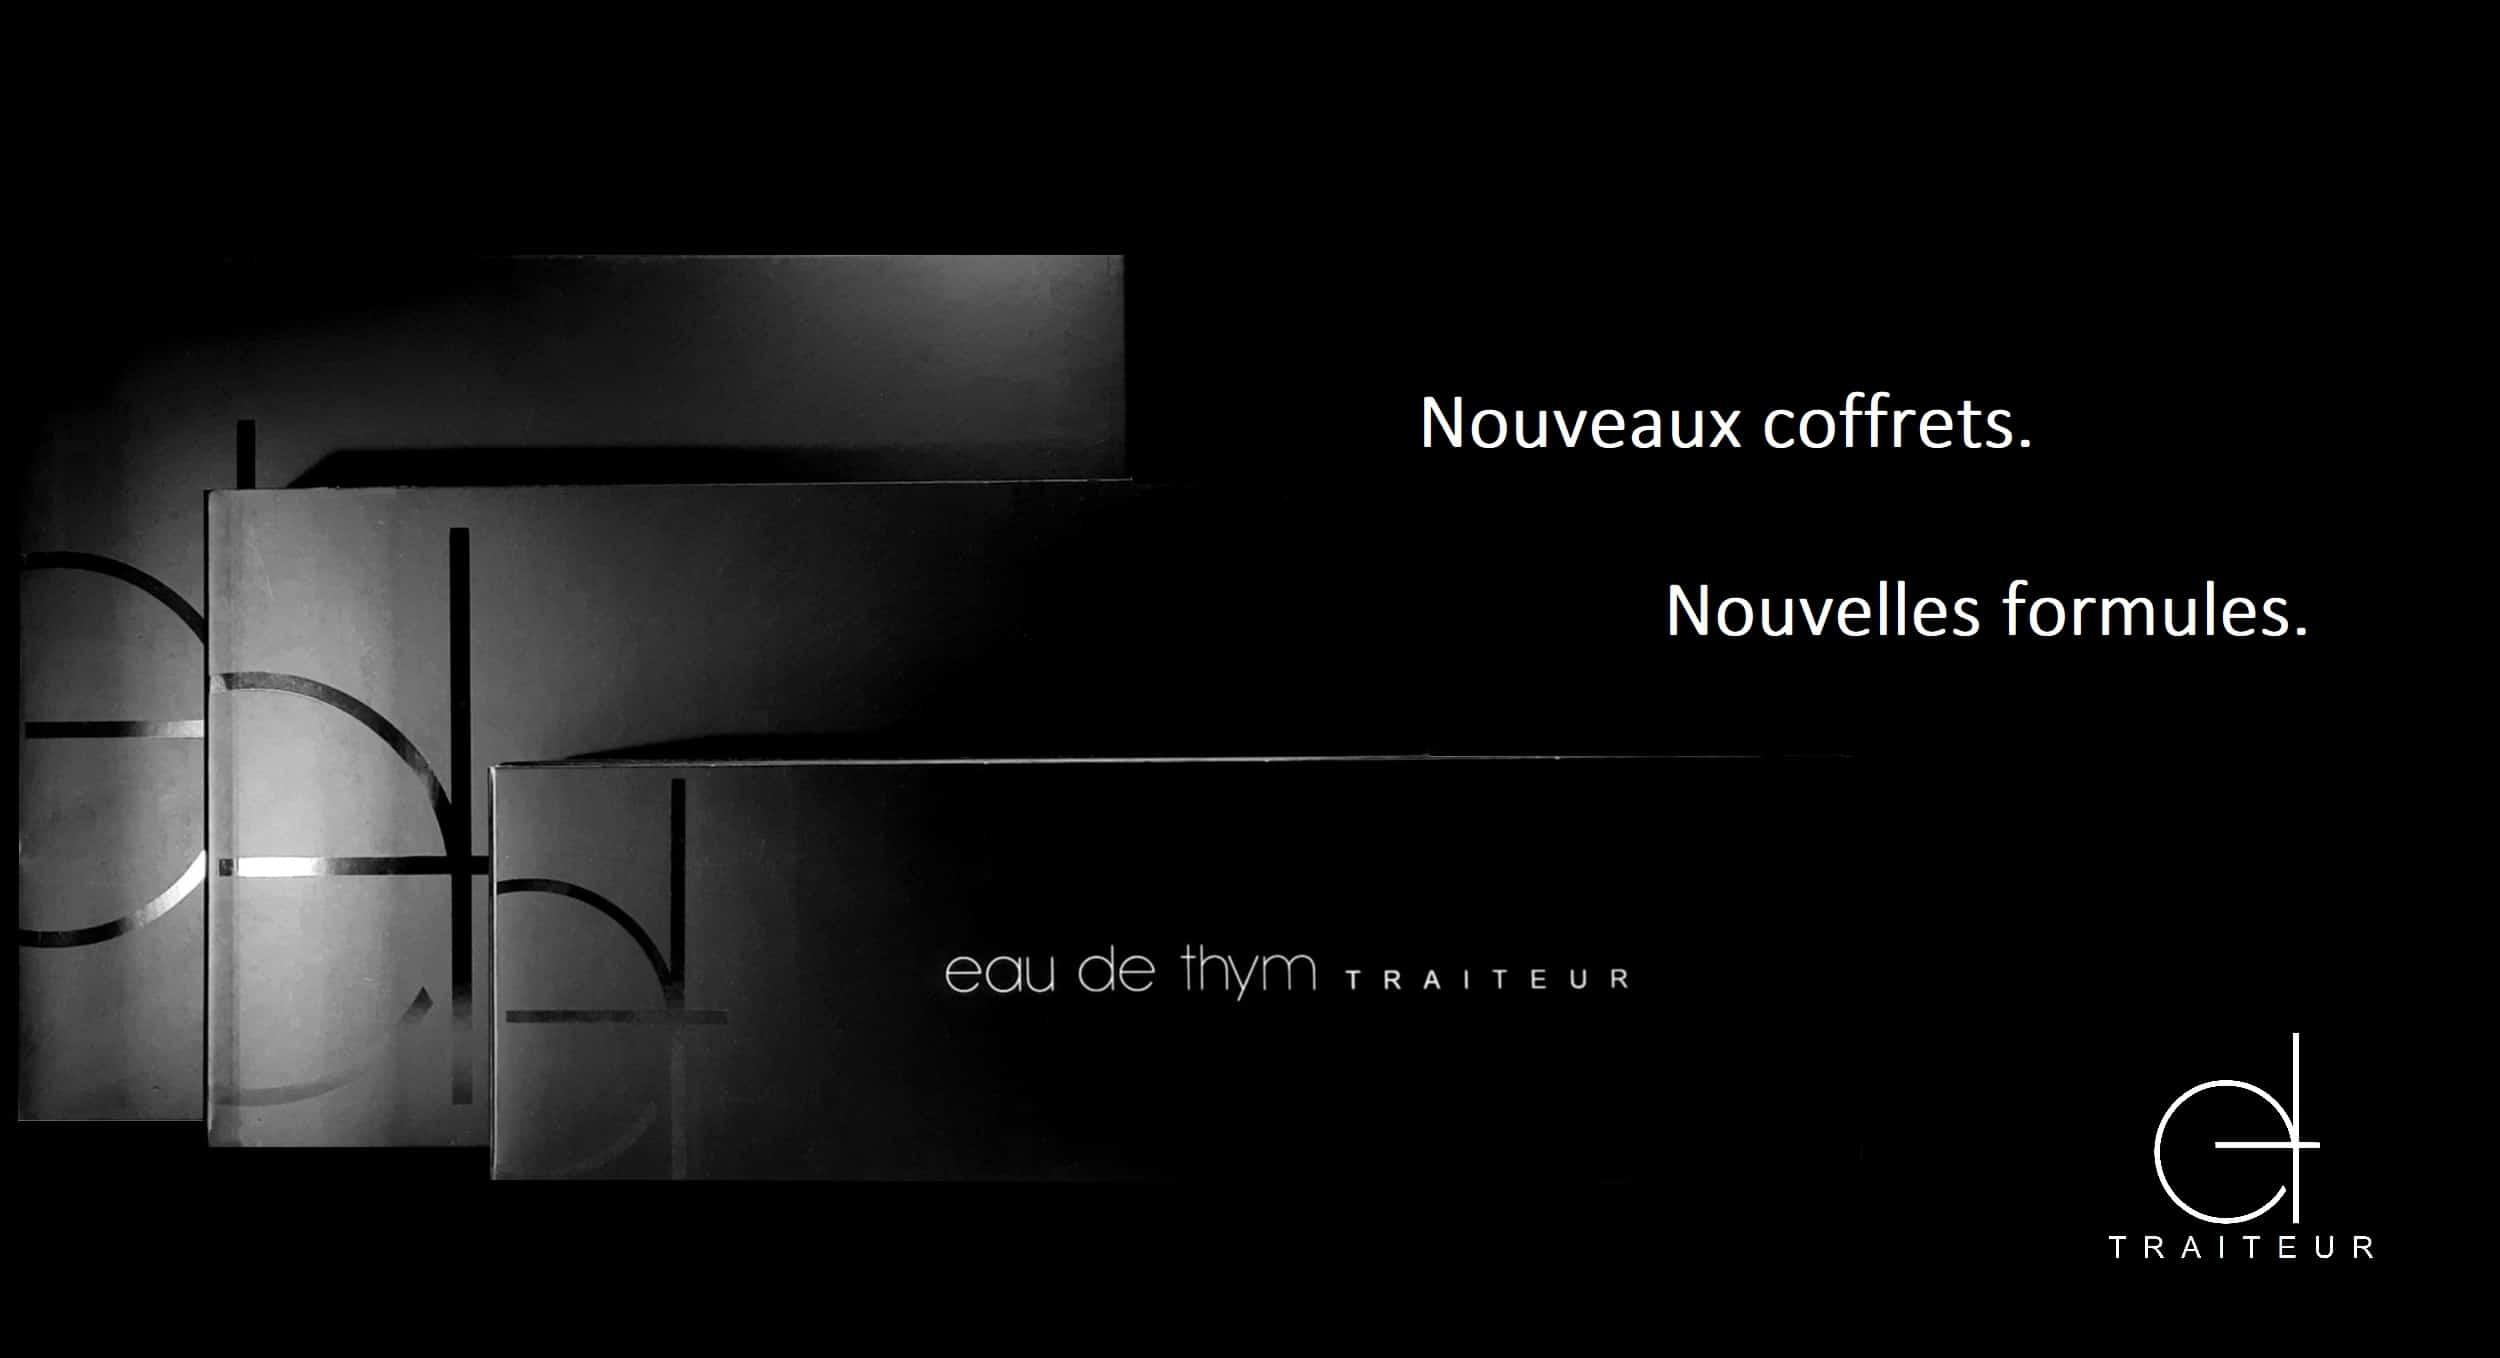 Nouveaux coffrets pour nos pièces cocktail et apéritif, Eau de thym traiteur à Montpellier